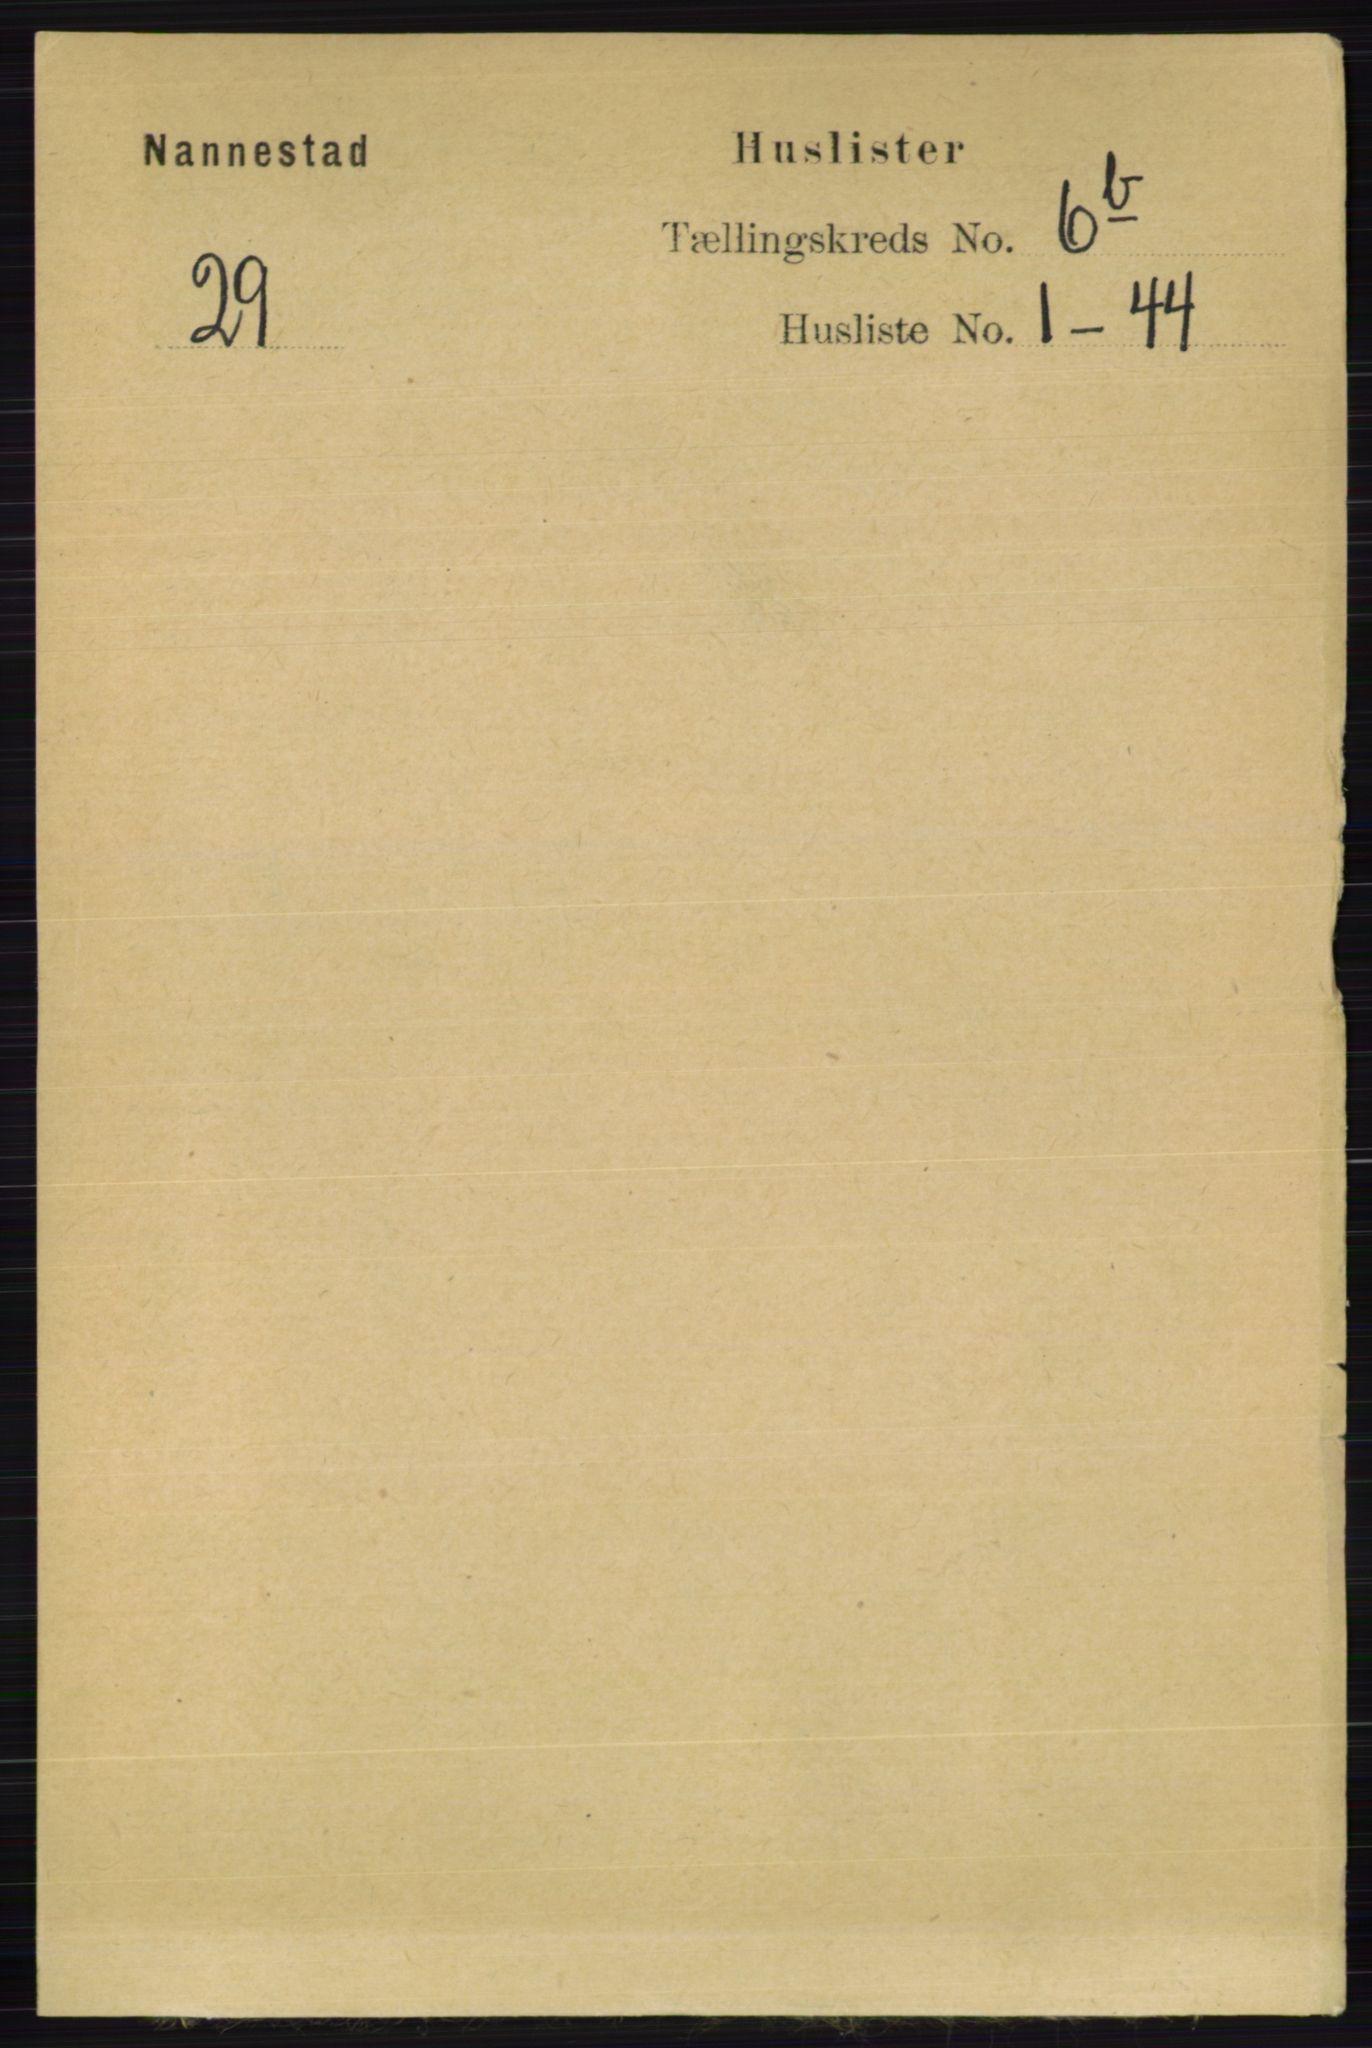 RA, Folketelling 1891 for 0238 Nannestad herred, 1891, s. 3367